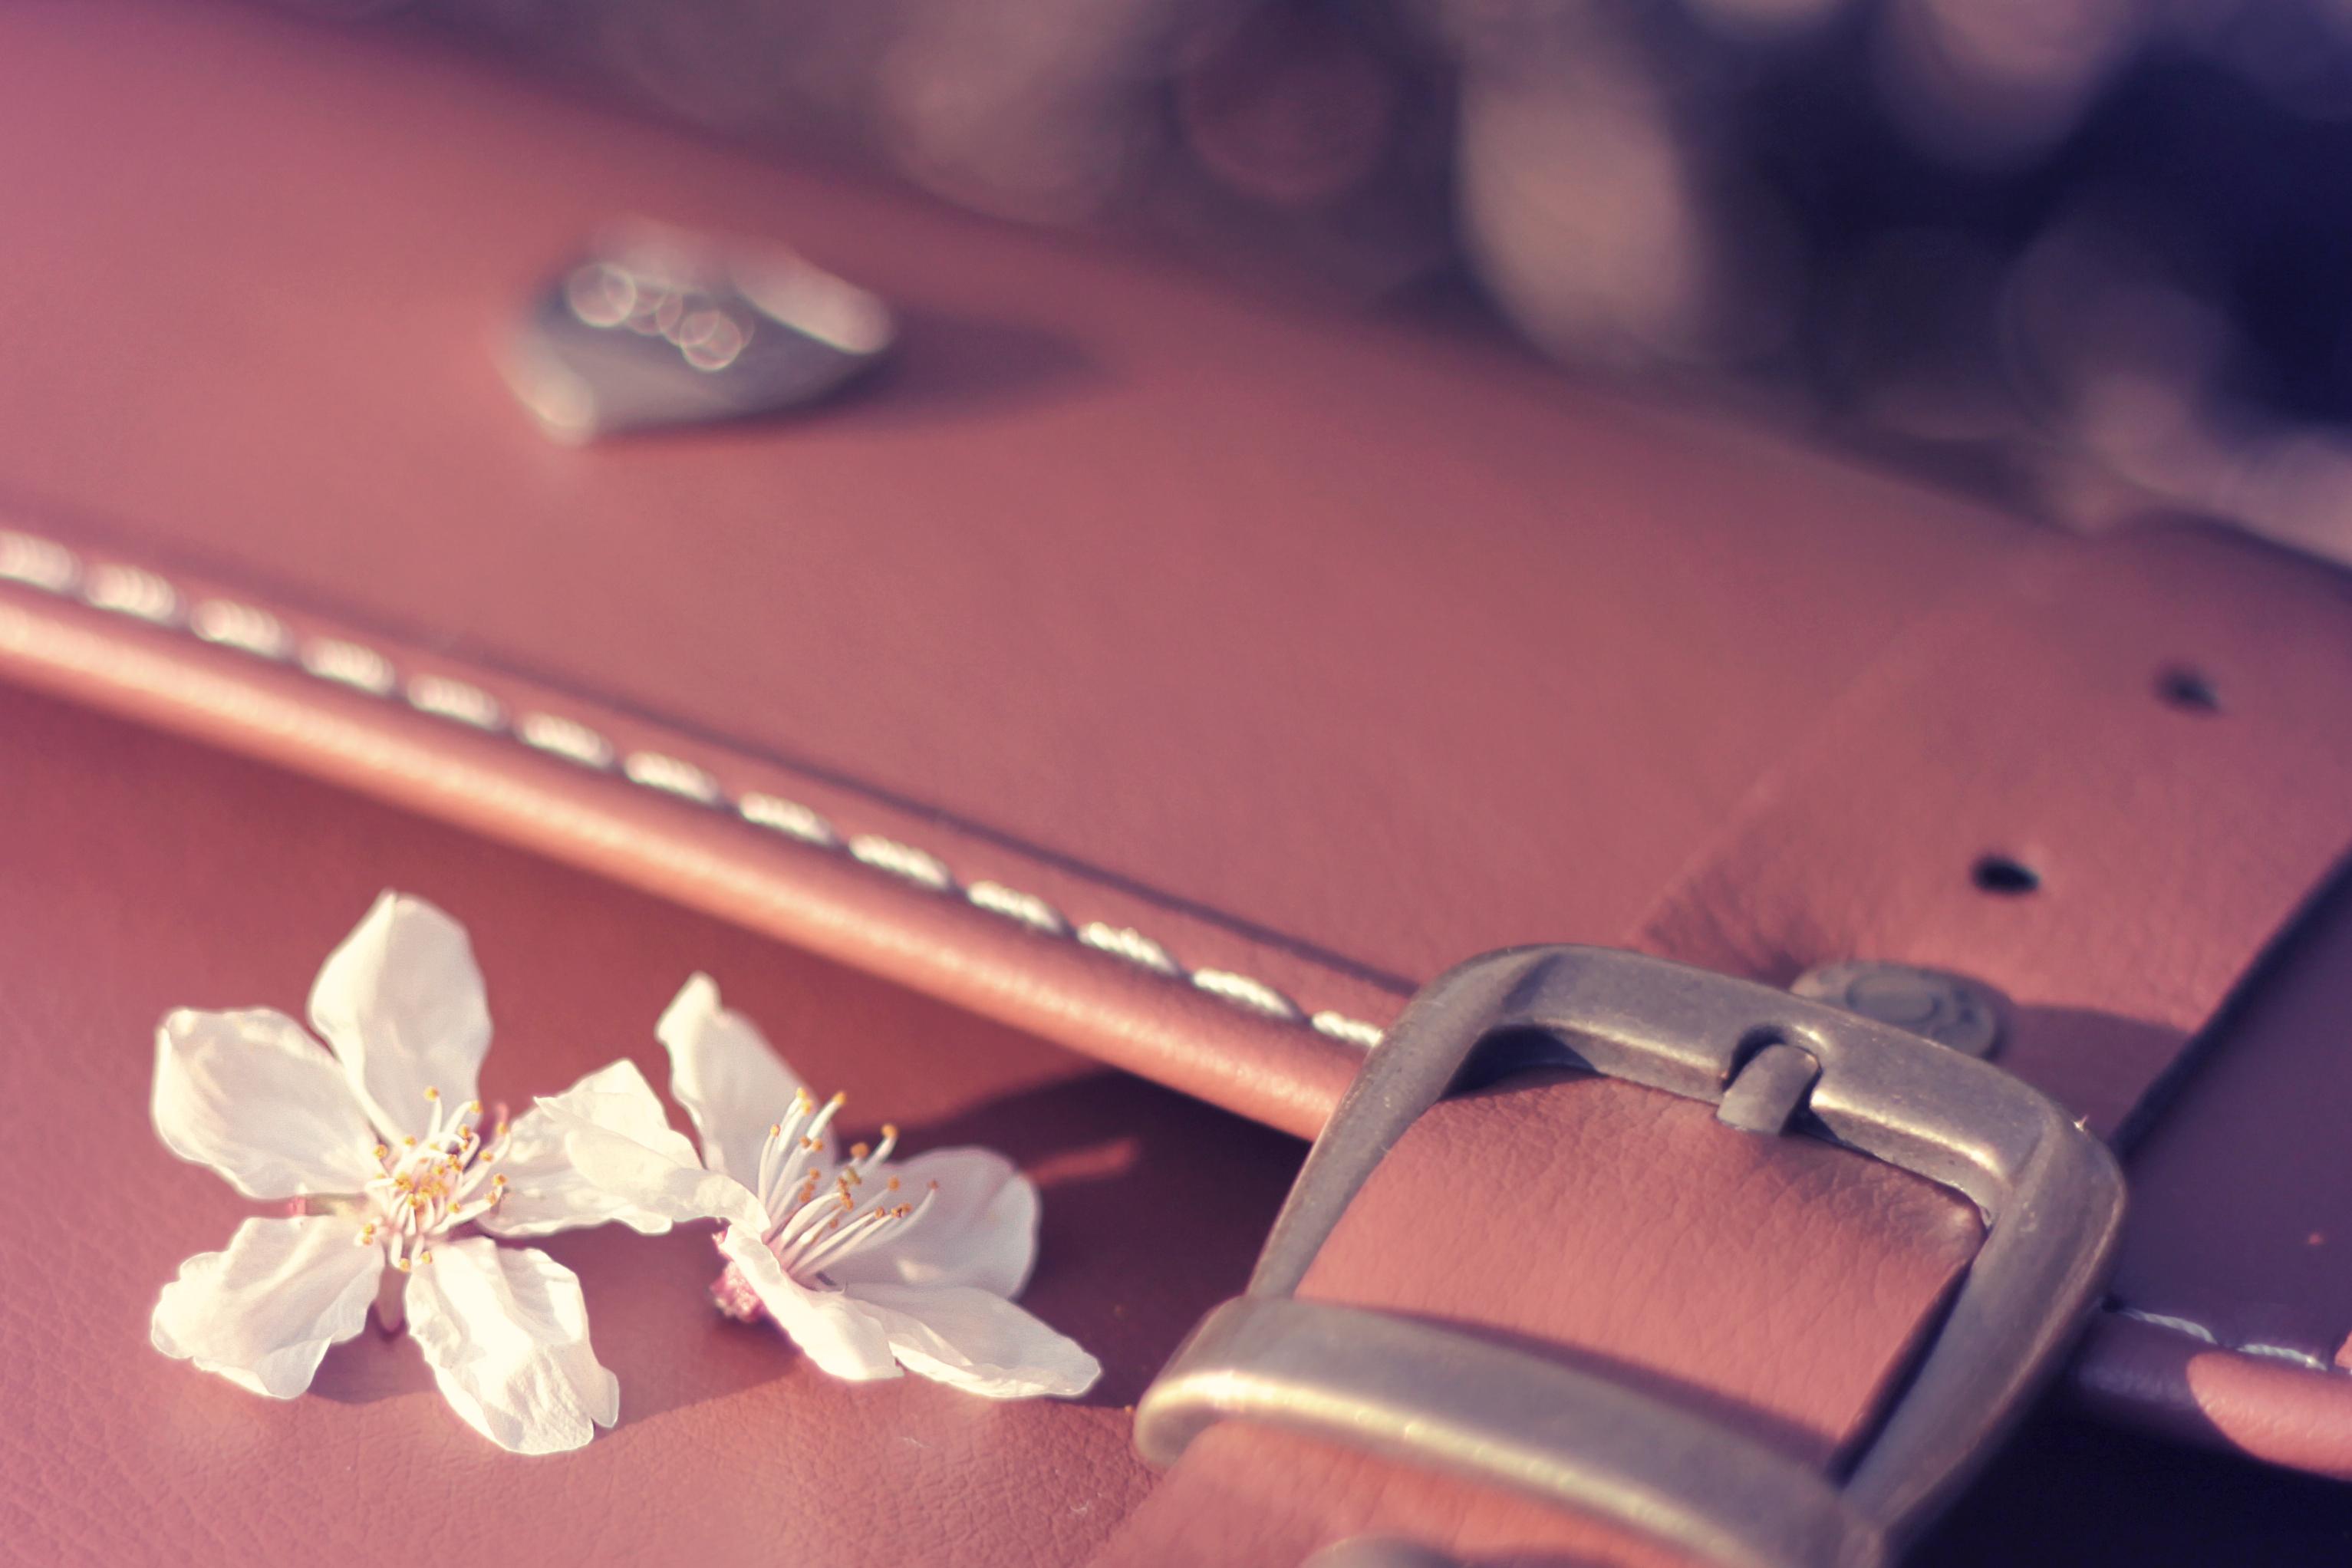 かばんの上に桜の花びらが落ちている写真